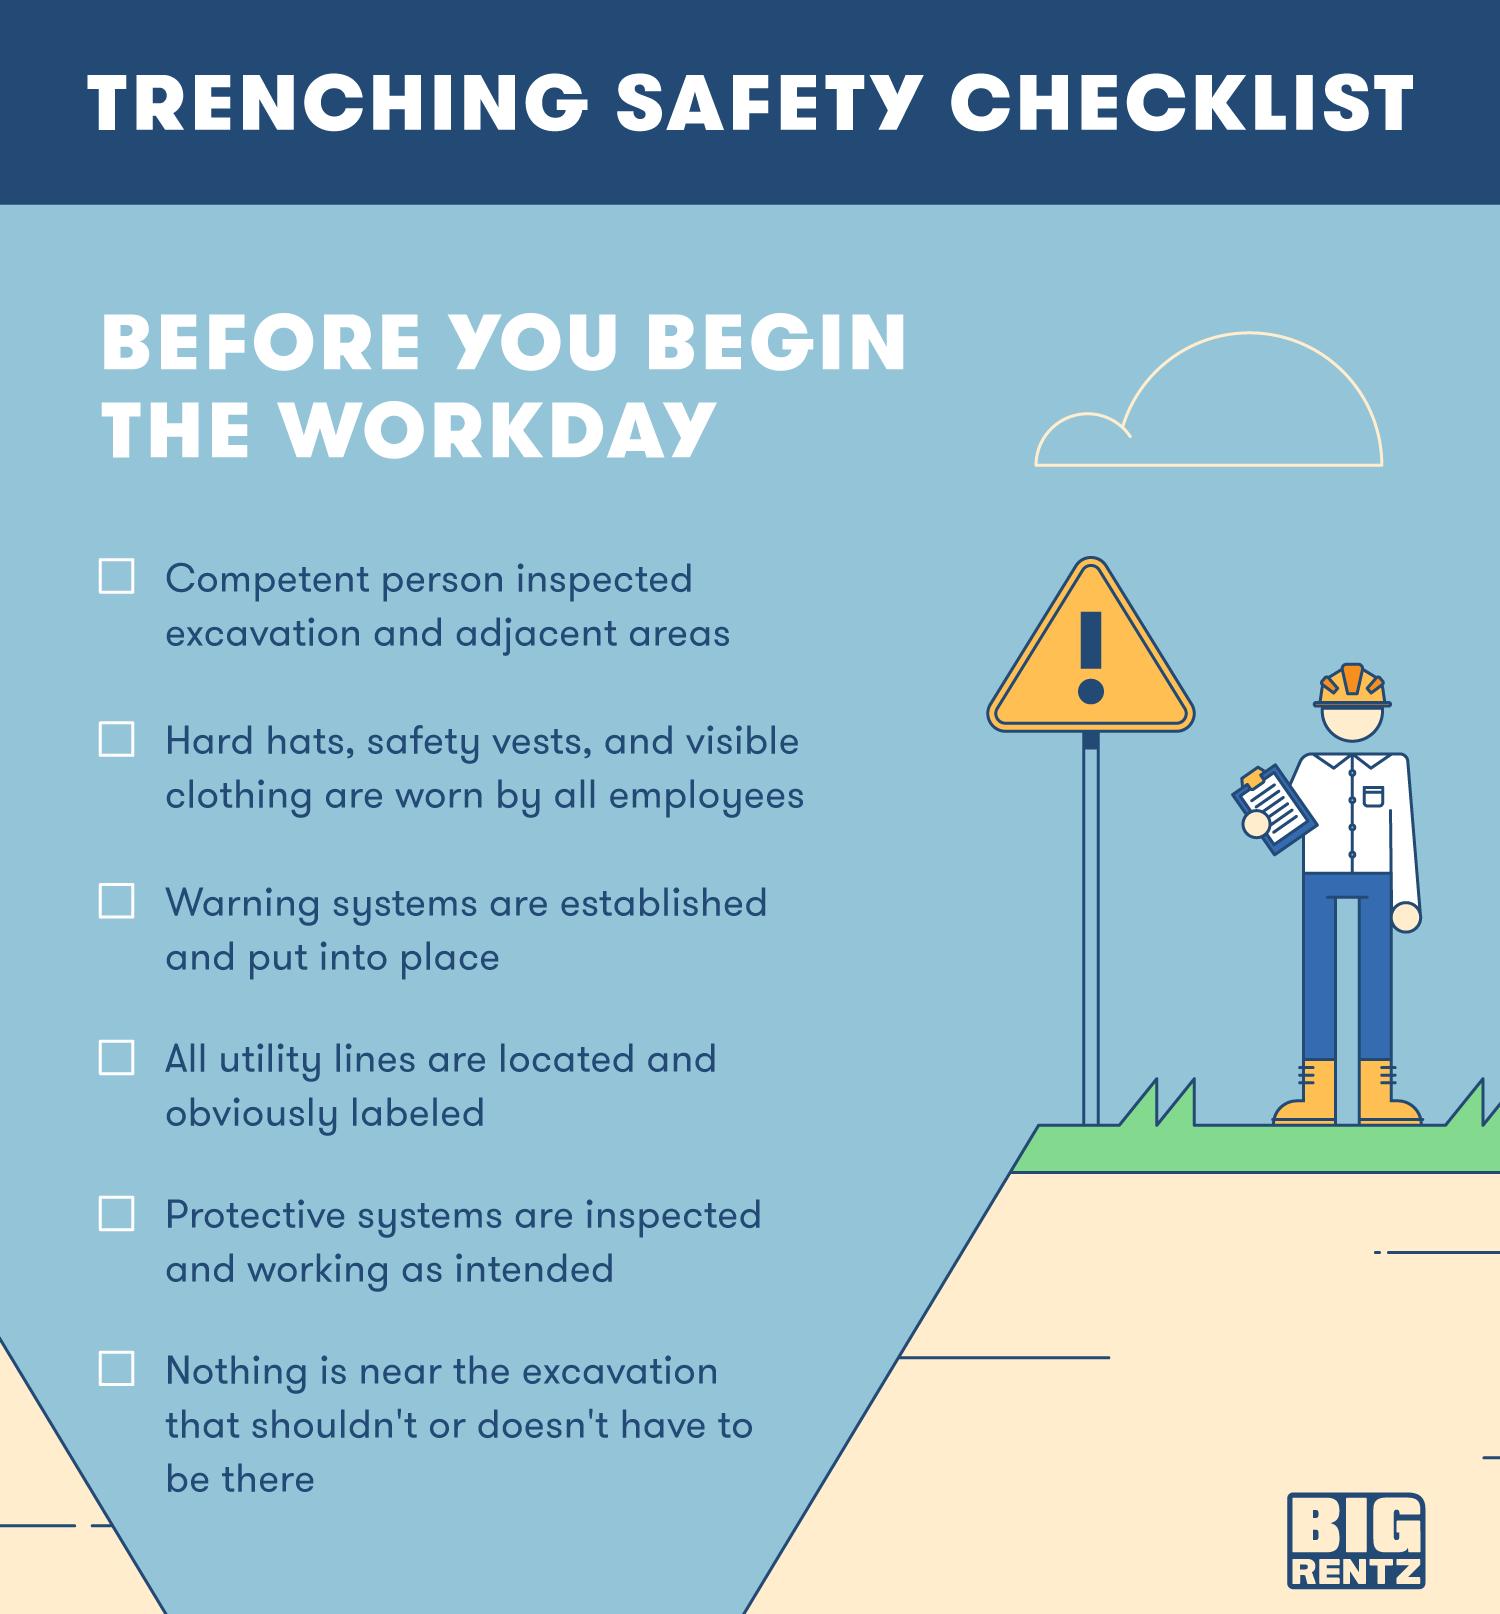 BigRentz trenching safety workday checklist